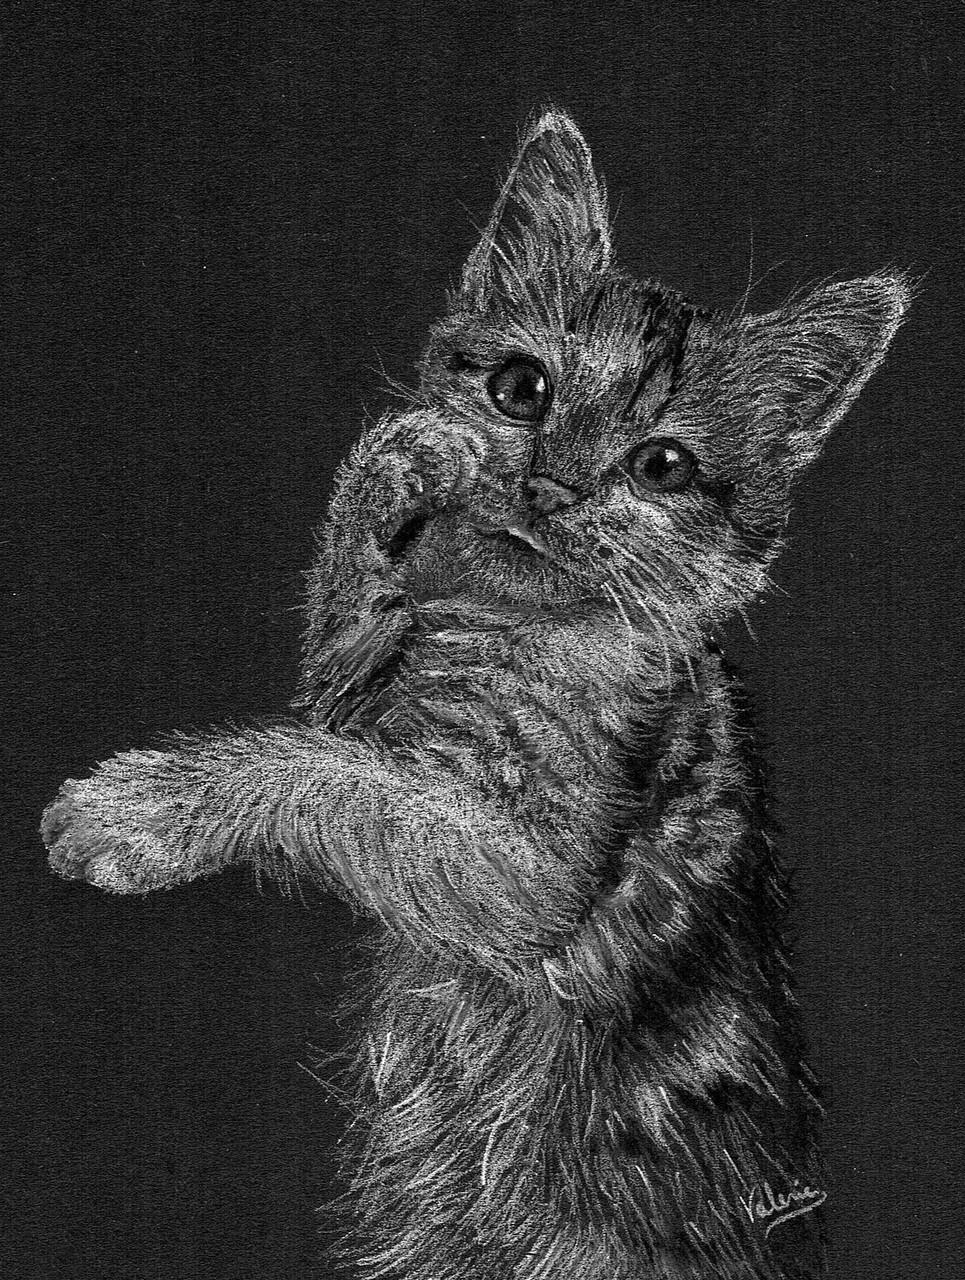 Dierenportret kitten: Wit pastelpotlood en houtskool op zwart papier (2016)